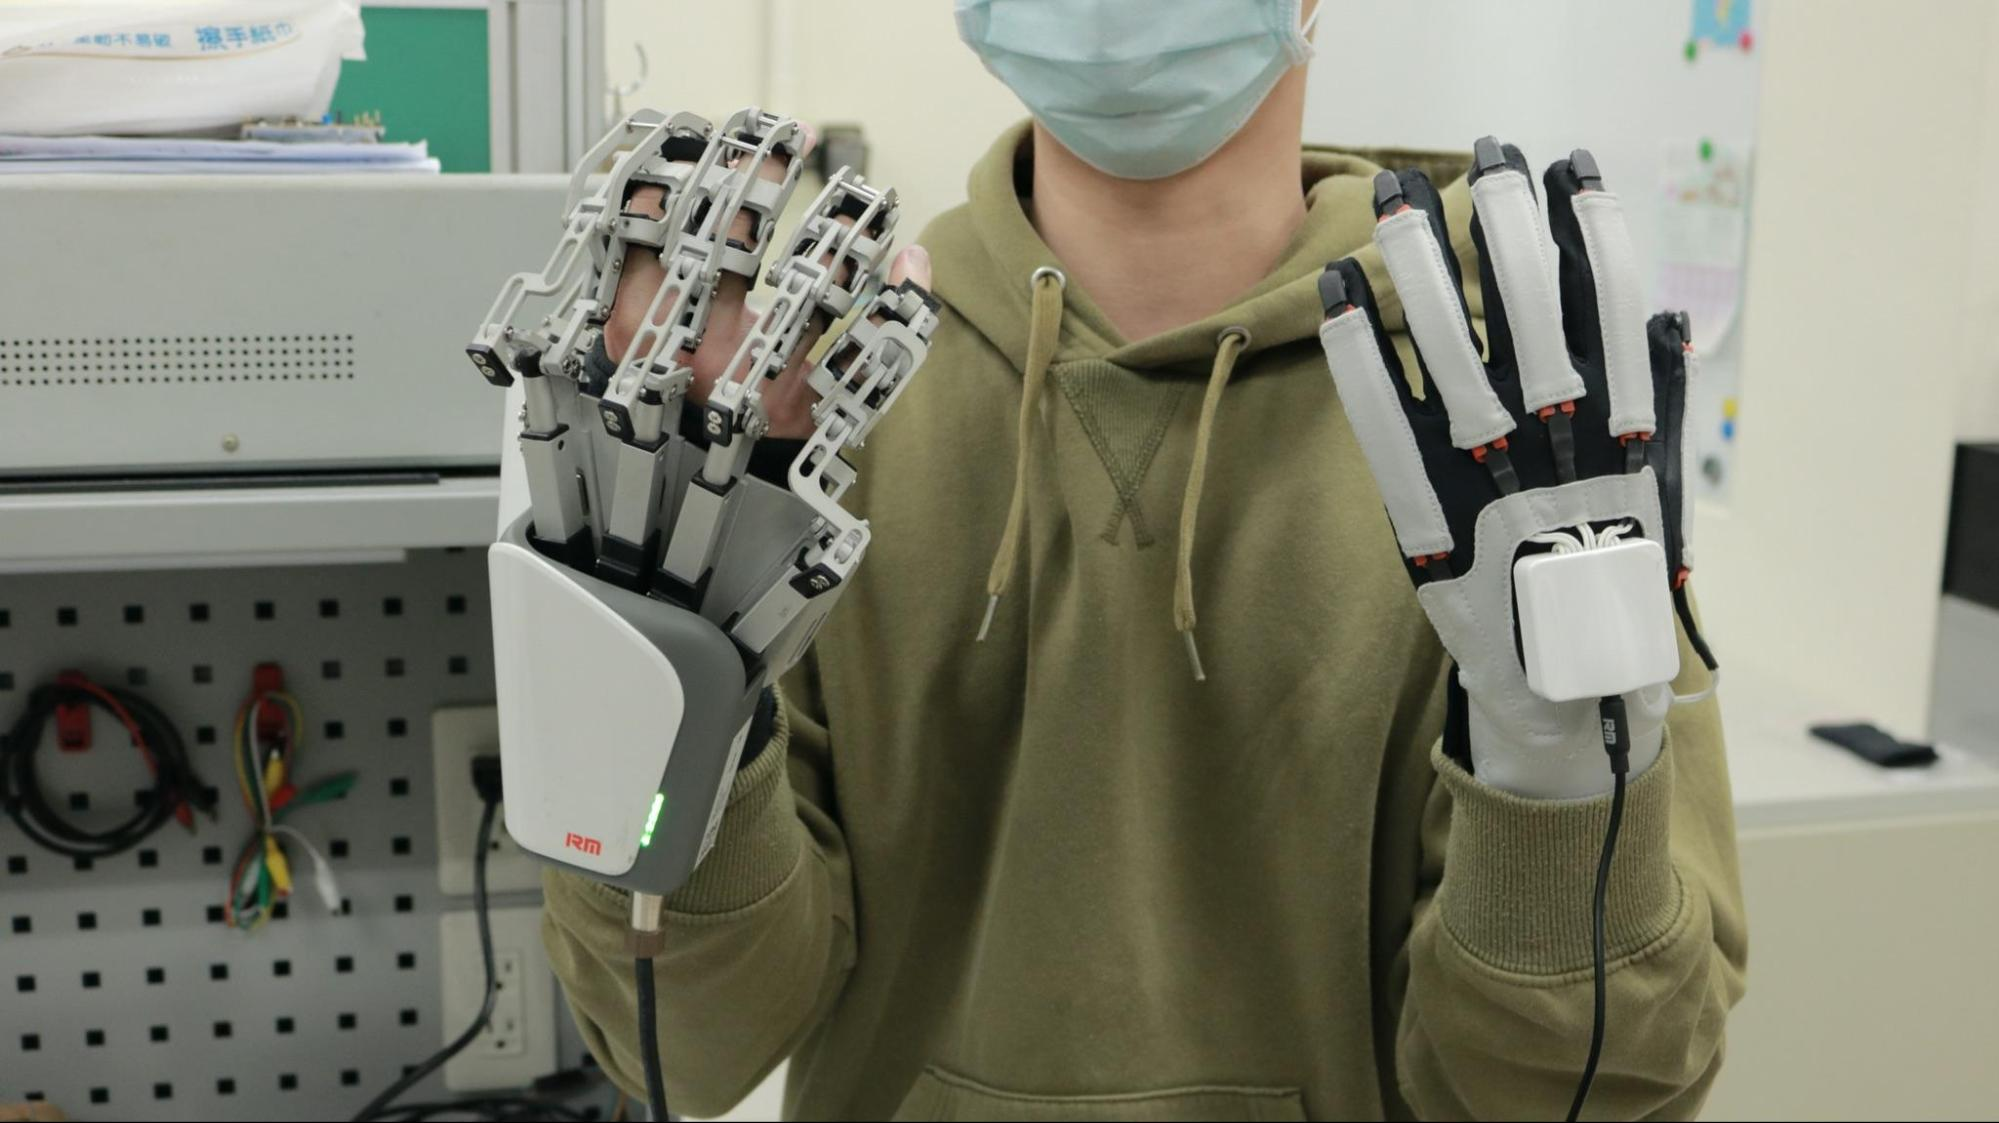 由健康的右手做動作帶動左手患側復健,體型輕便,進行復健時可以與真實物體做互動。因為患者手部非常僵硬,研究團隊特別諮詢過醫生,對復健運動速度減慢避免拉傷,並將肌肉張力評估(MAS)控制在1~1+。